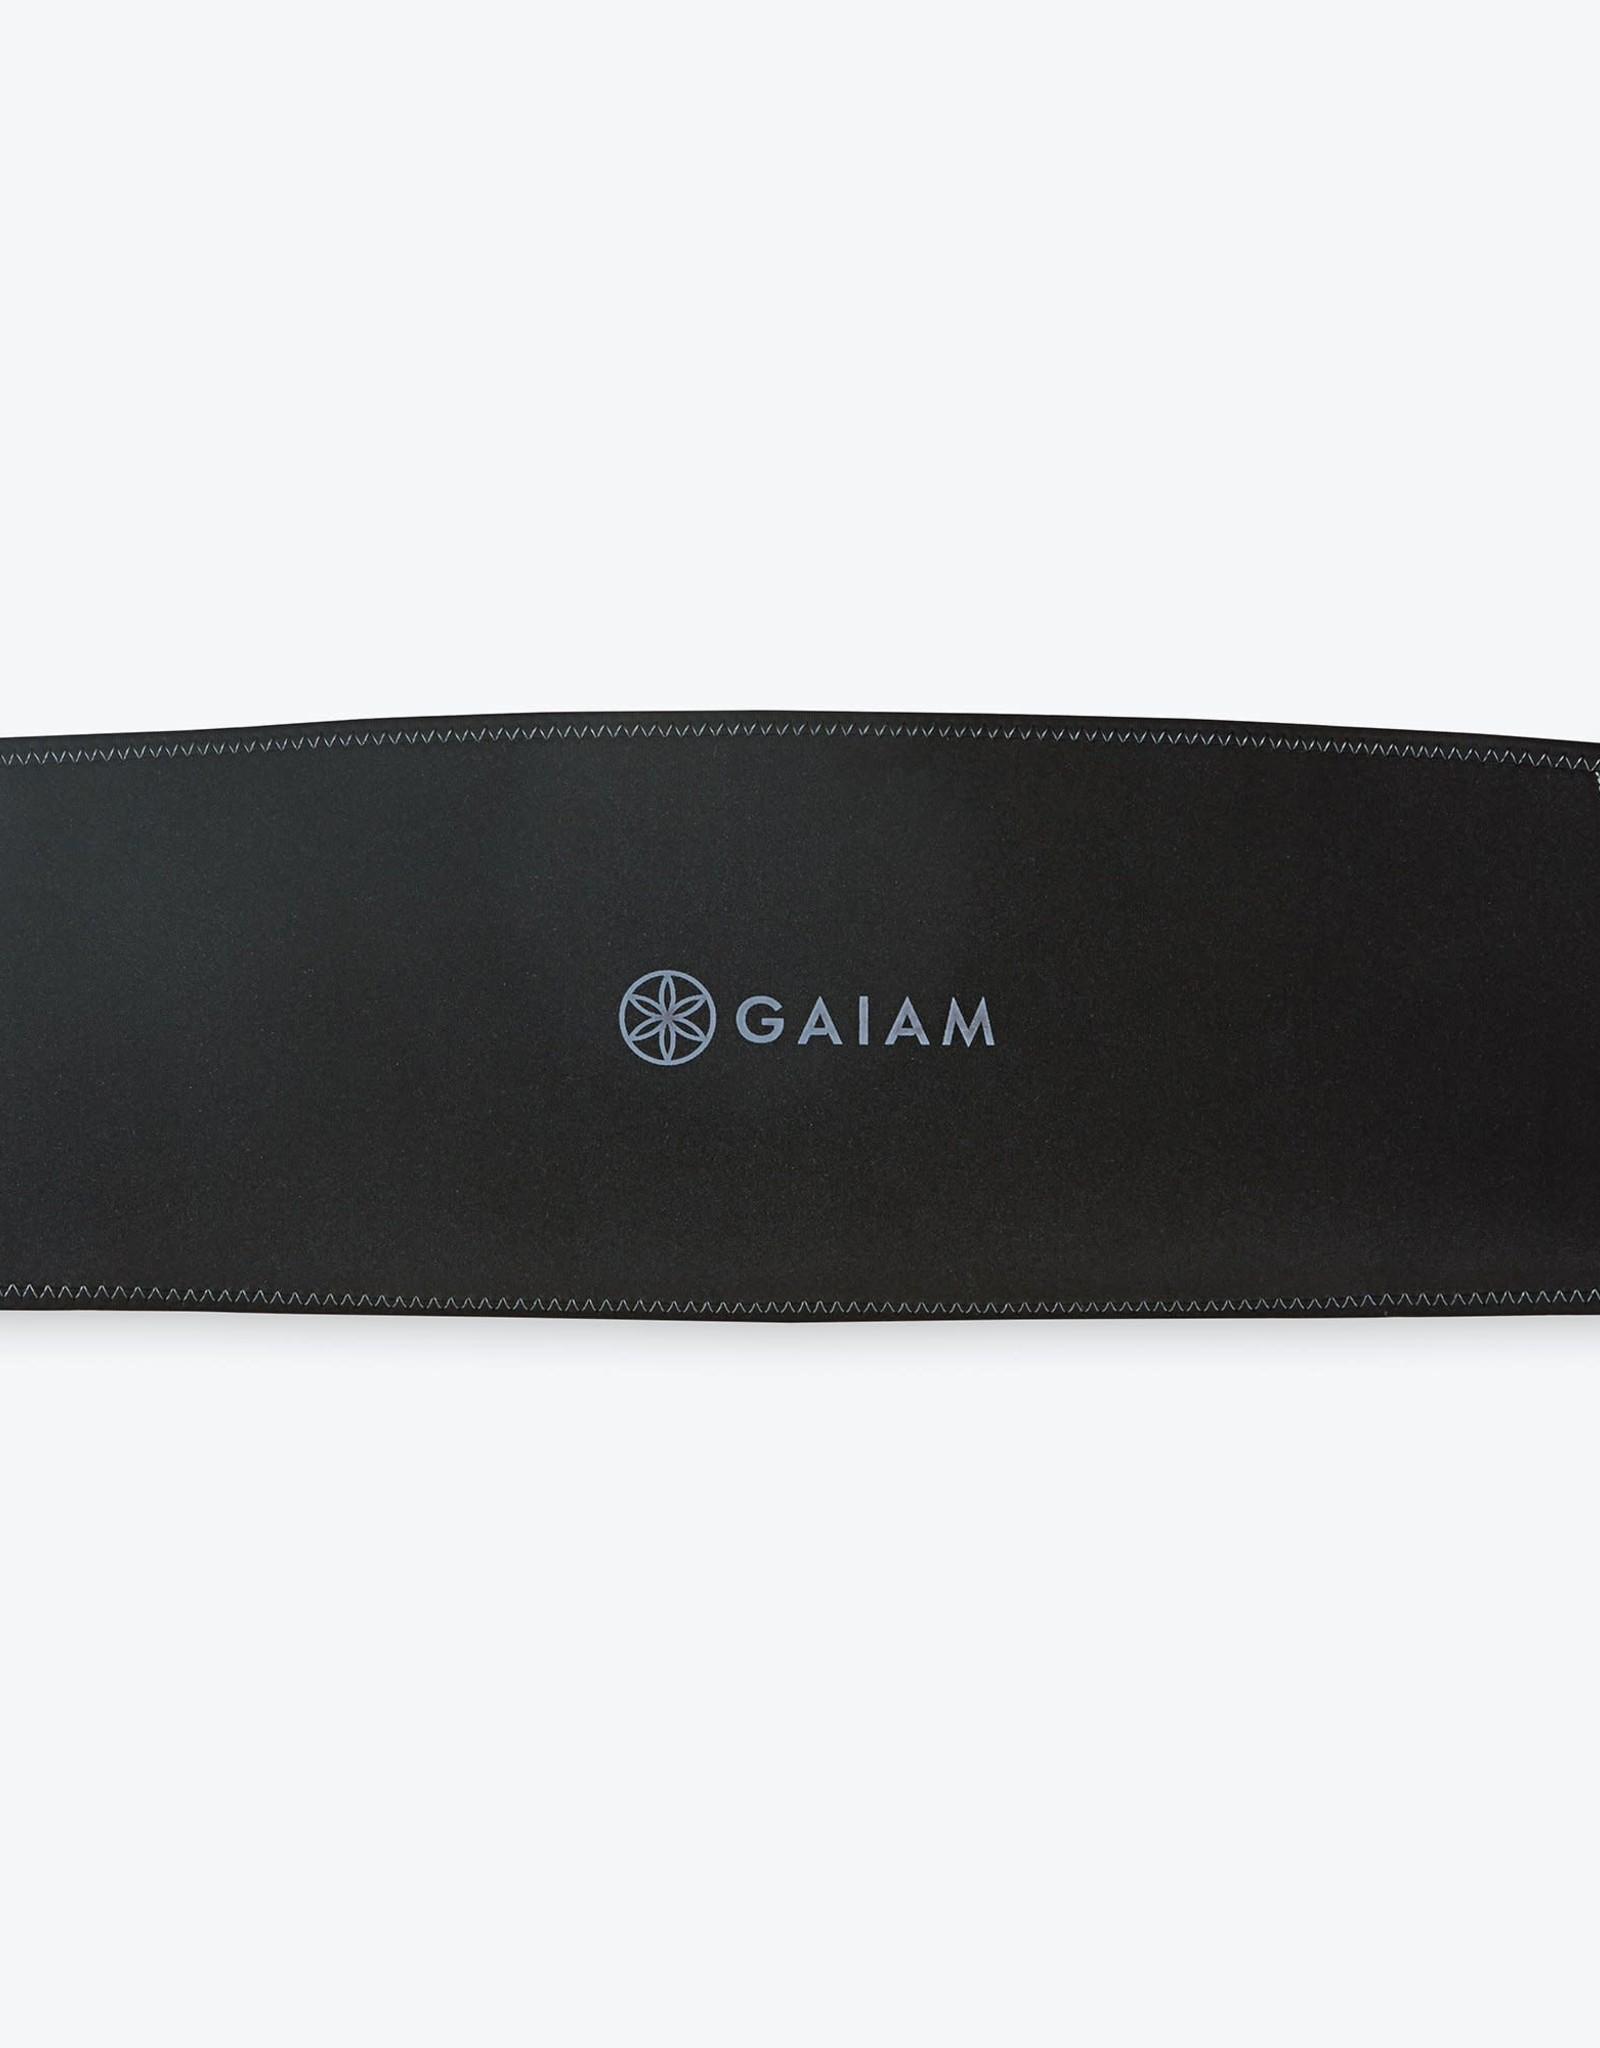 Gaiam Gaiam Restore Hot & Cold Compression Wrap